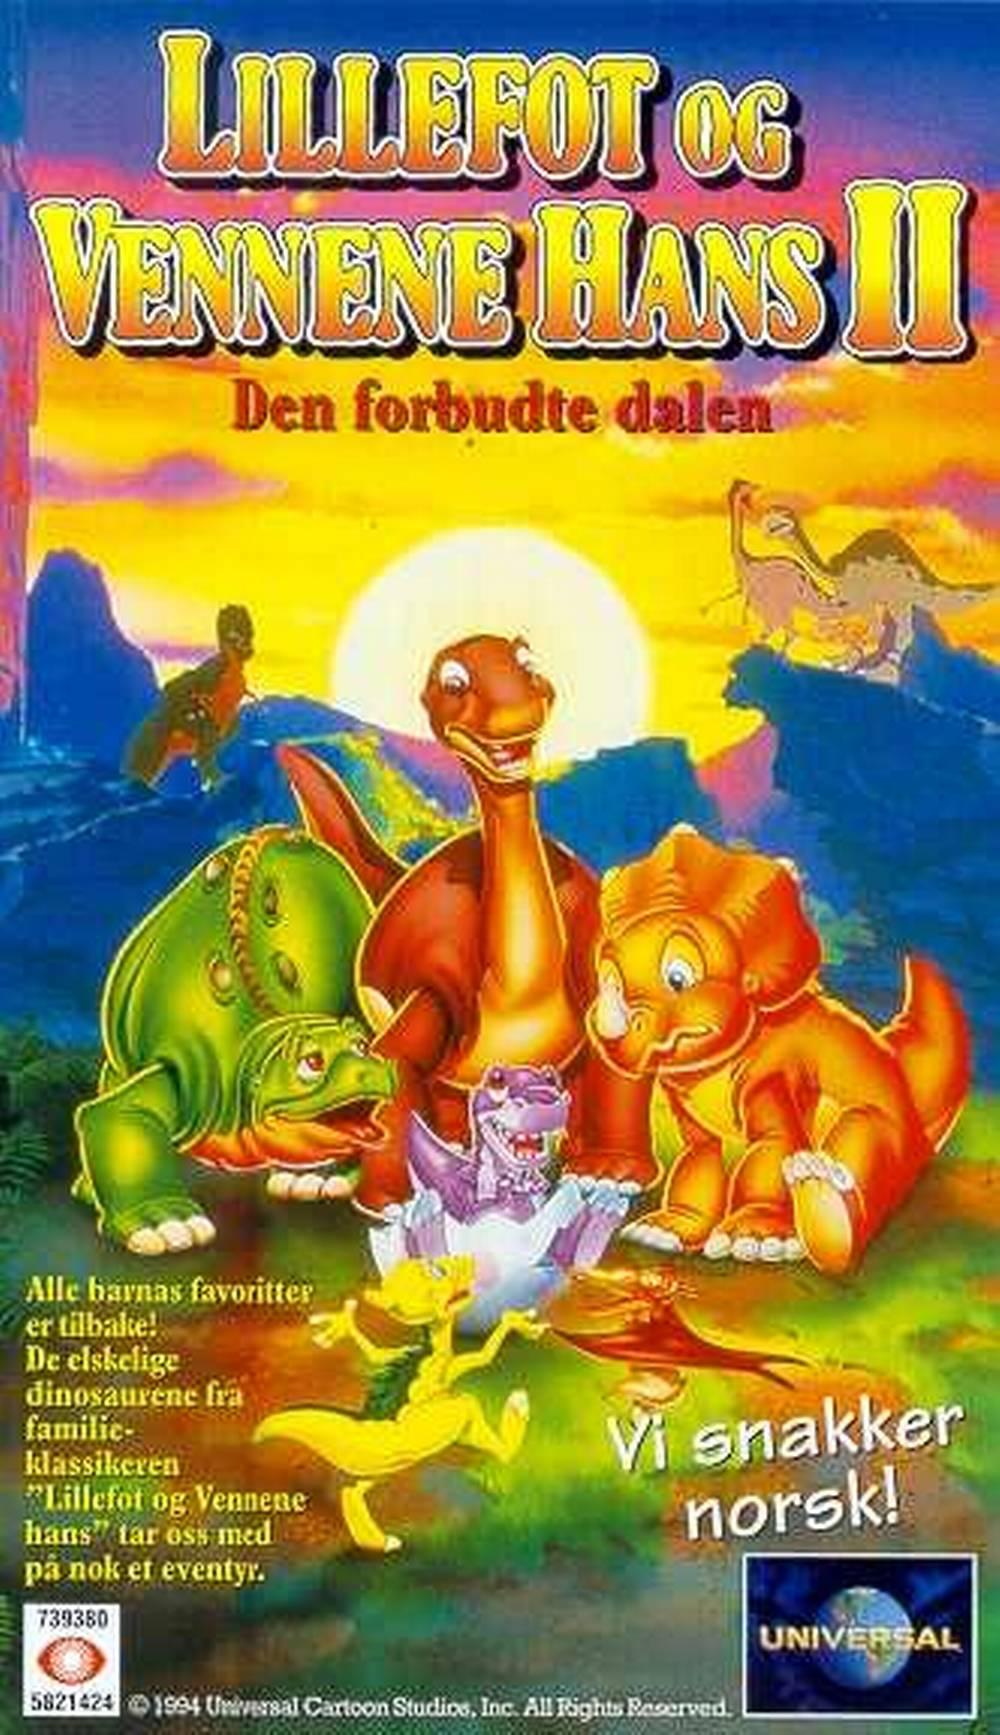 lillefot og vennene hans ii den forbudte dalen 1994 filmweb